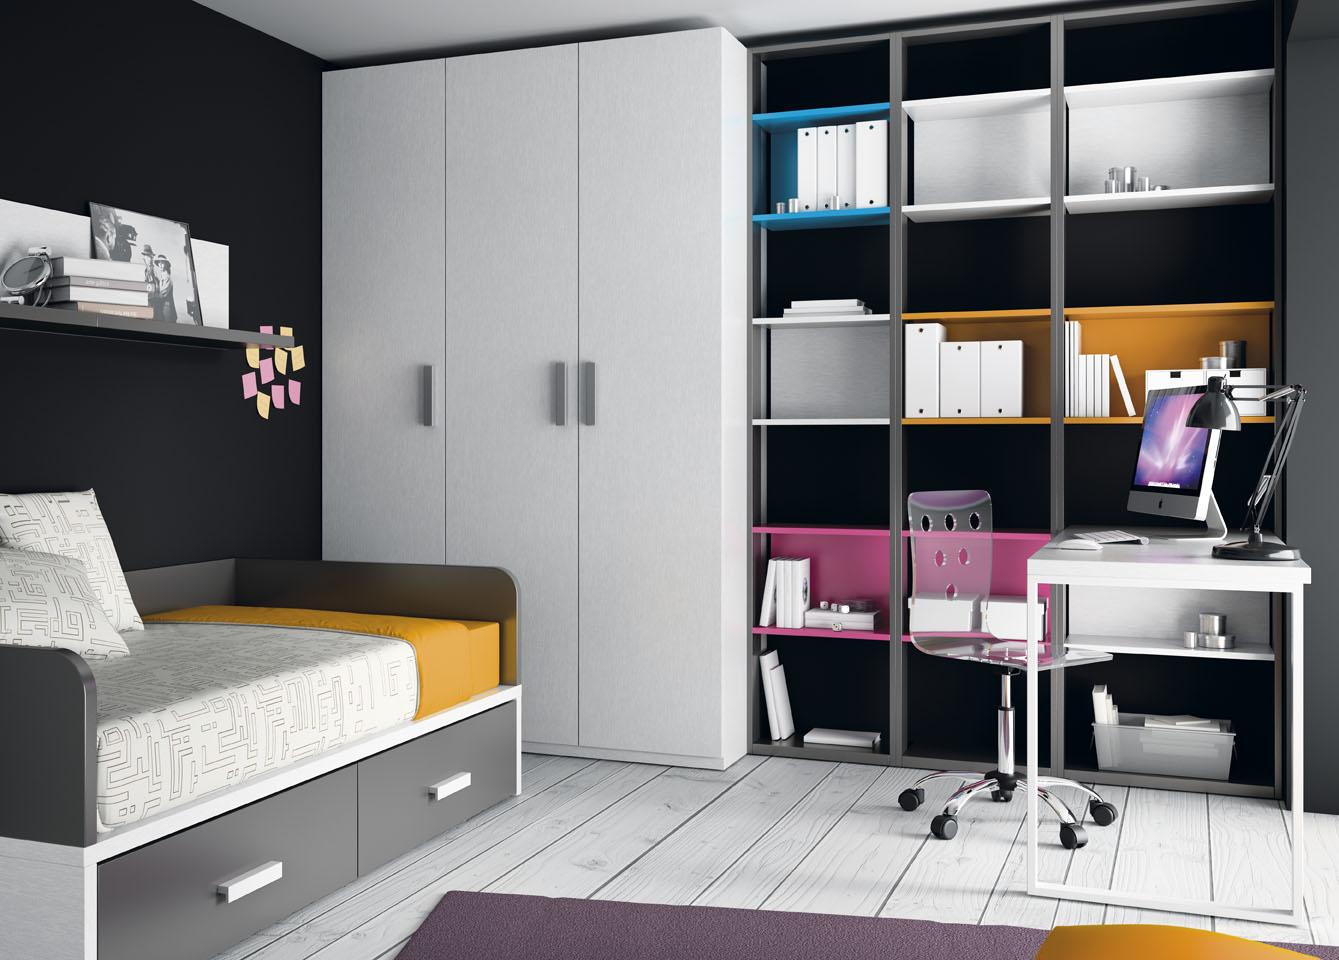 Muebles Ros Amplia combinación de colores en muebles